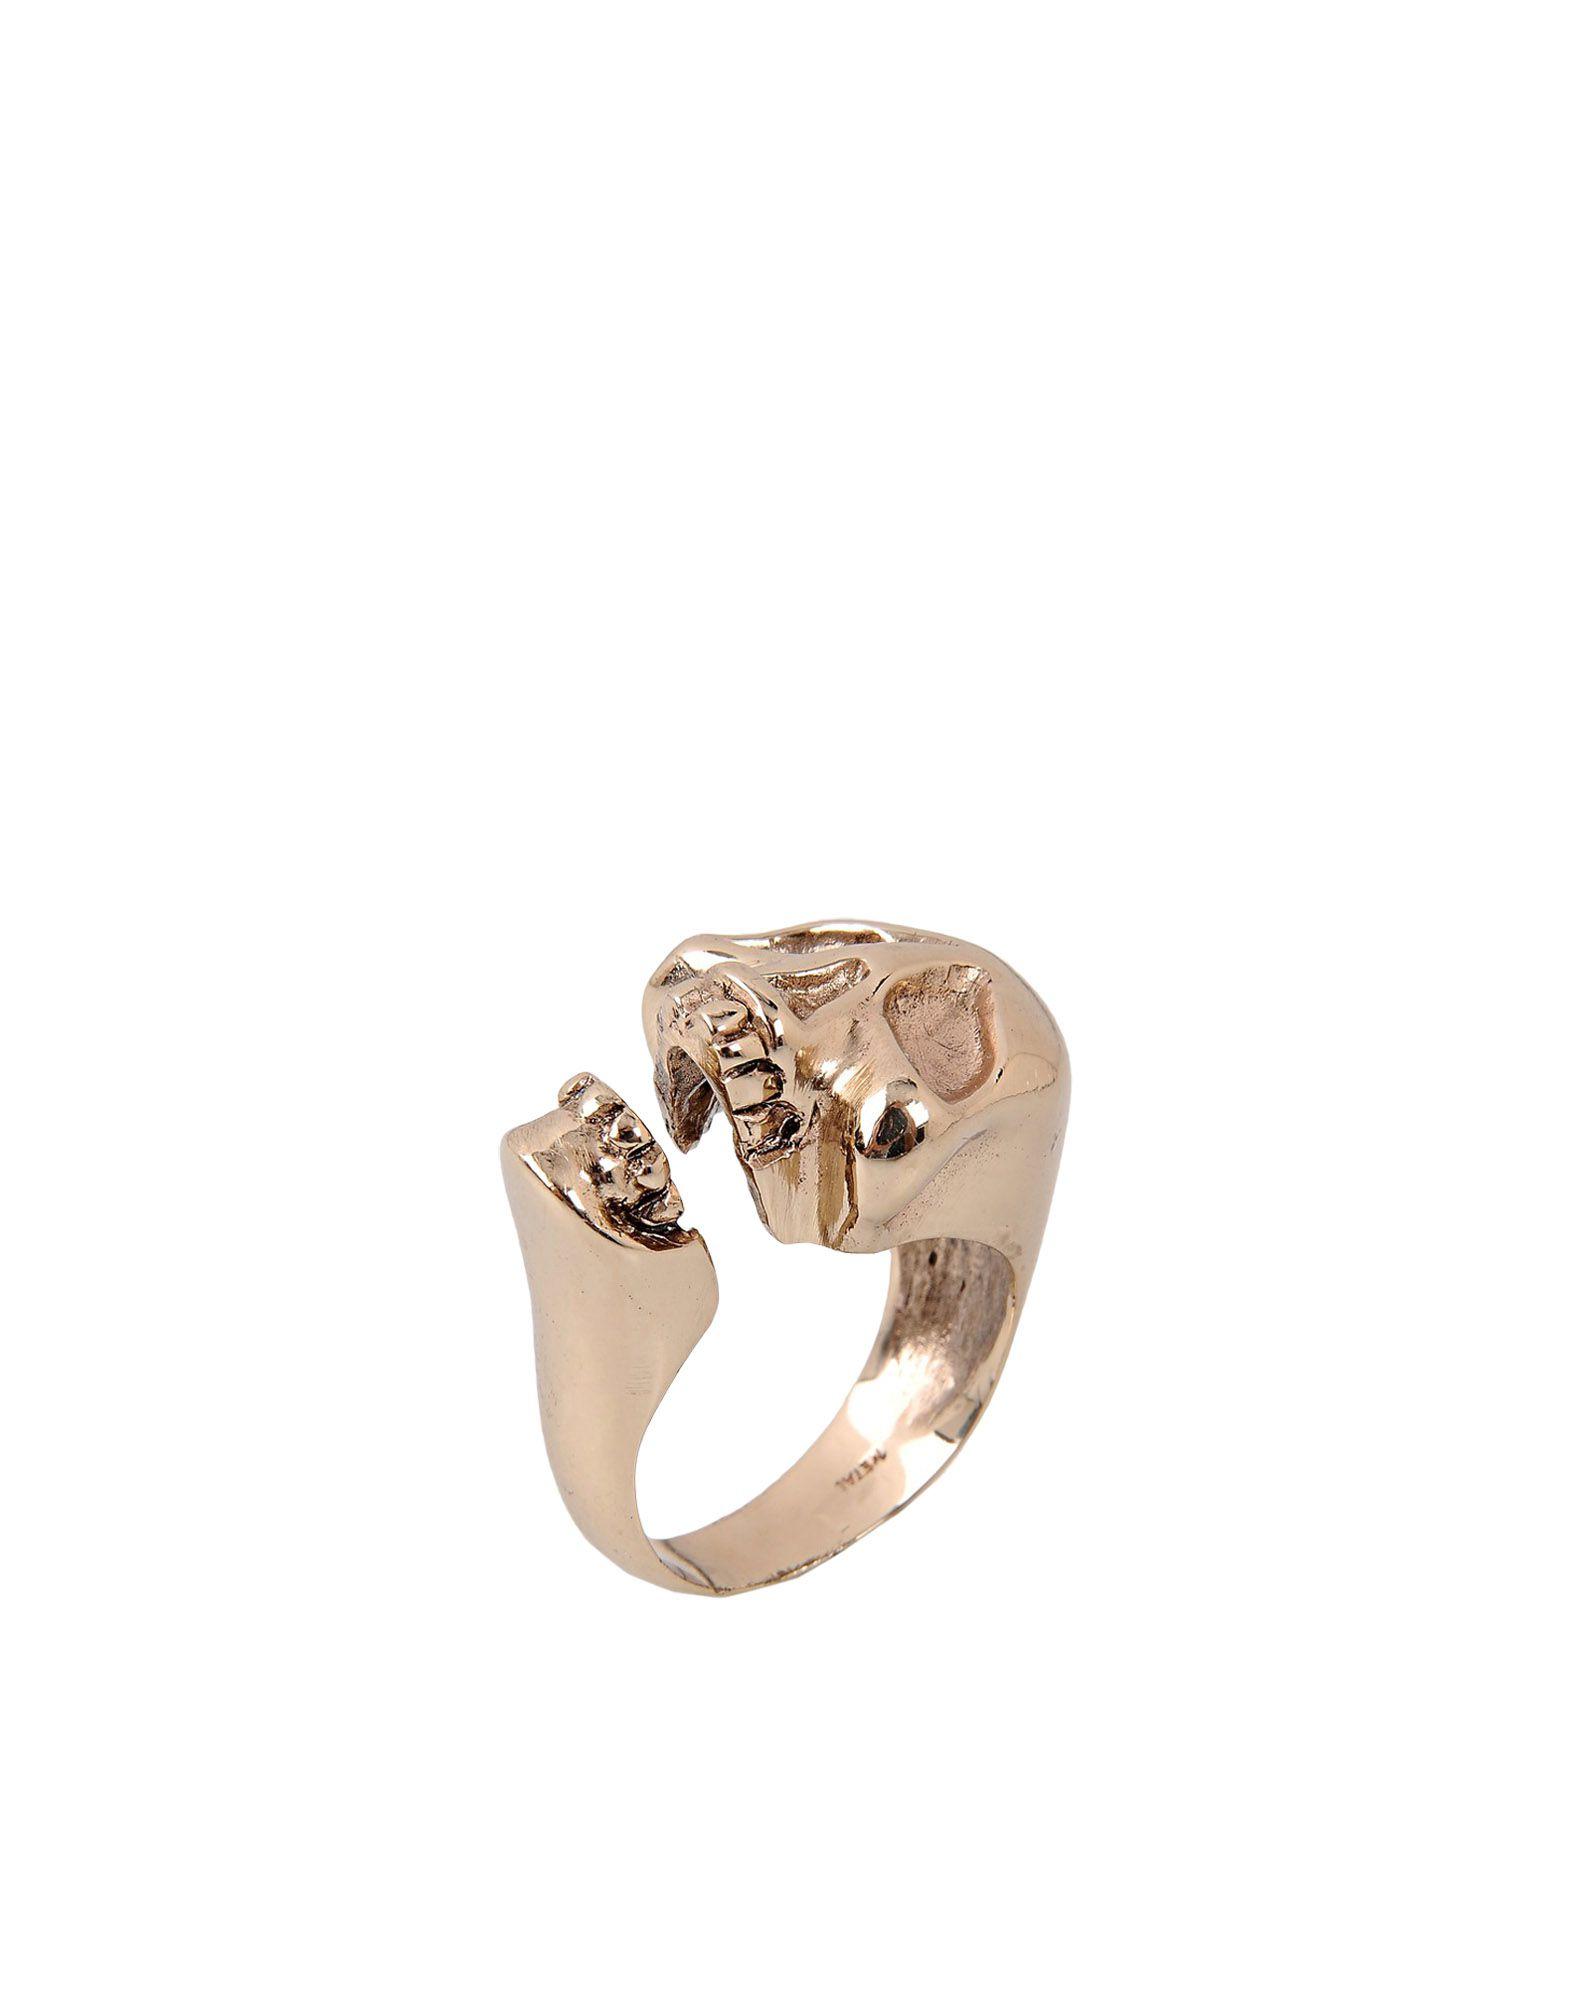 BERNARD DE LETTREZ レディース 指輪 ゴールド one size 金属繊維